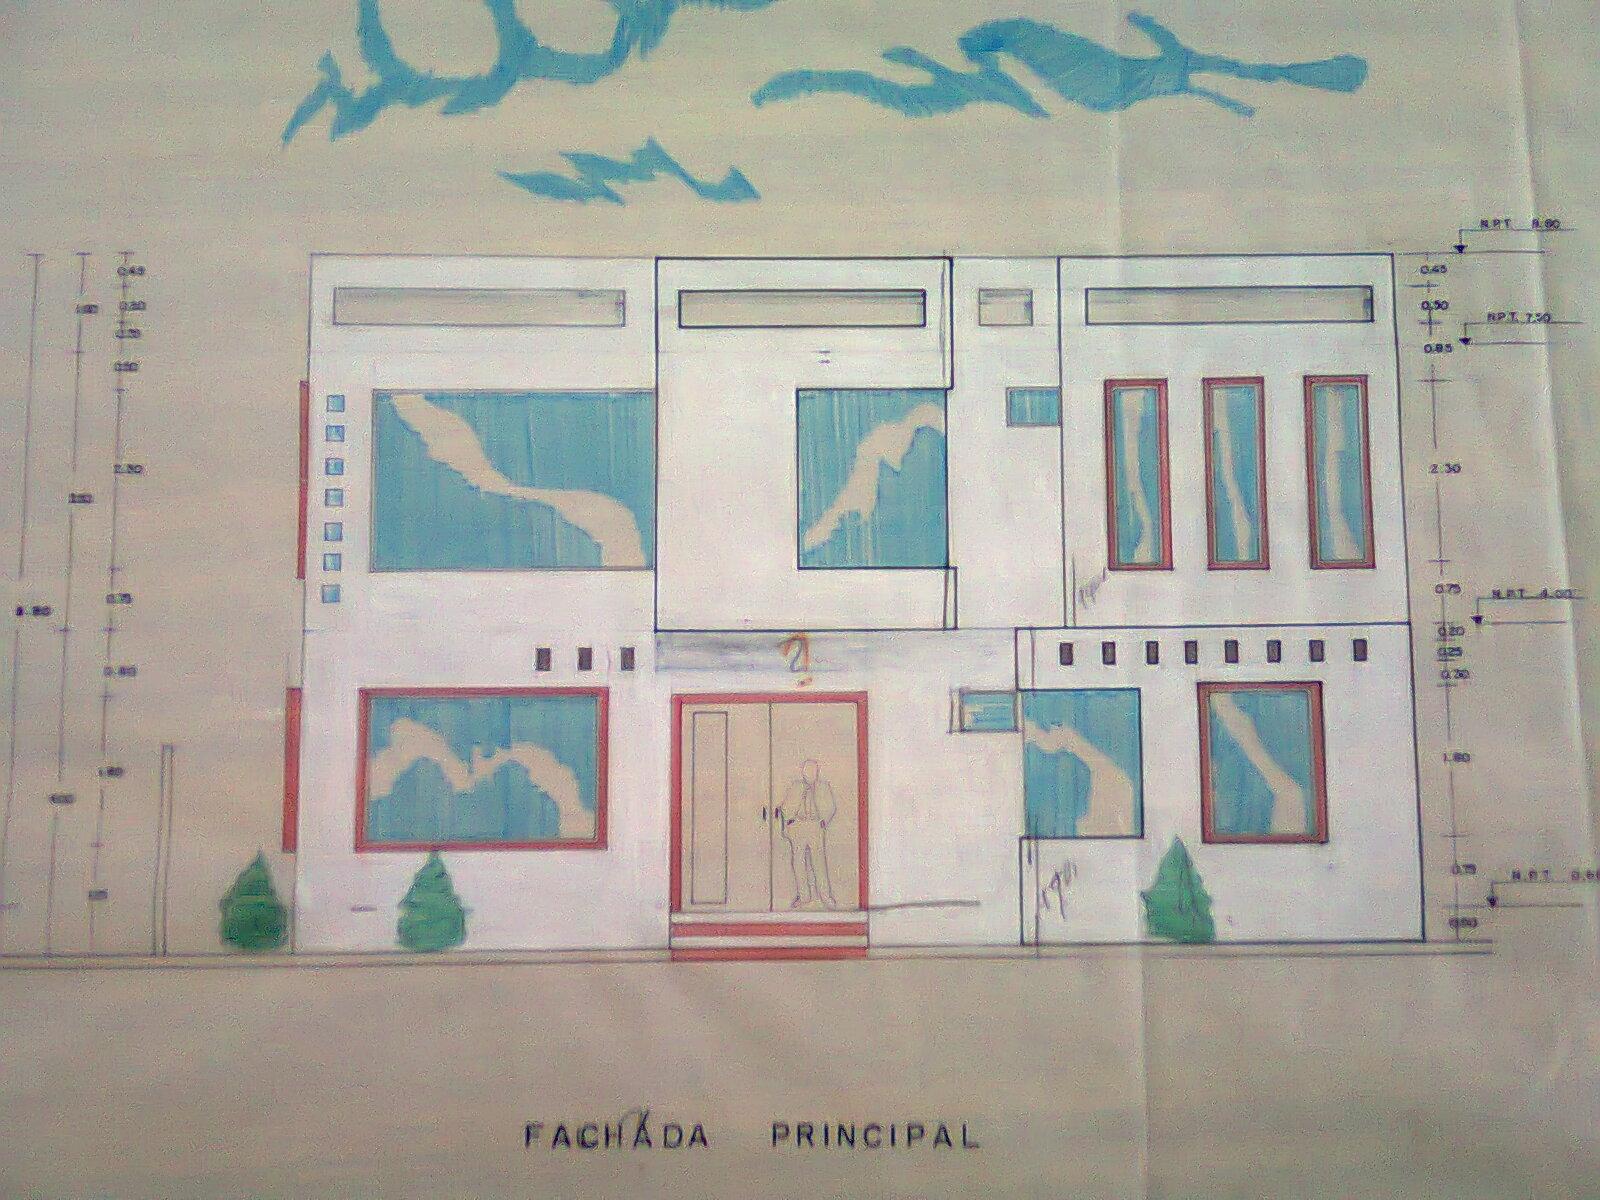 Arodi a uicab marin planos arquitect nicos de casa for Programas para disenar planos arquitectonicos